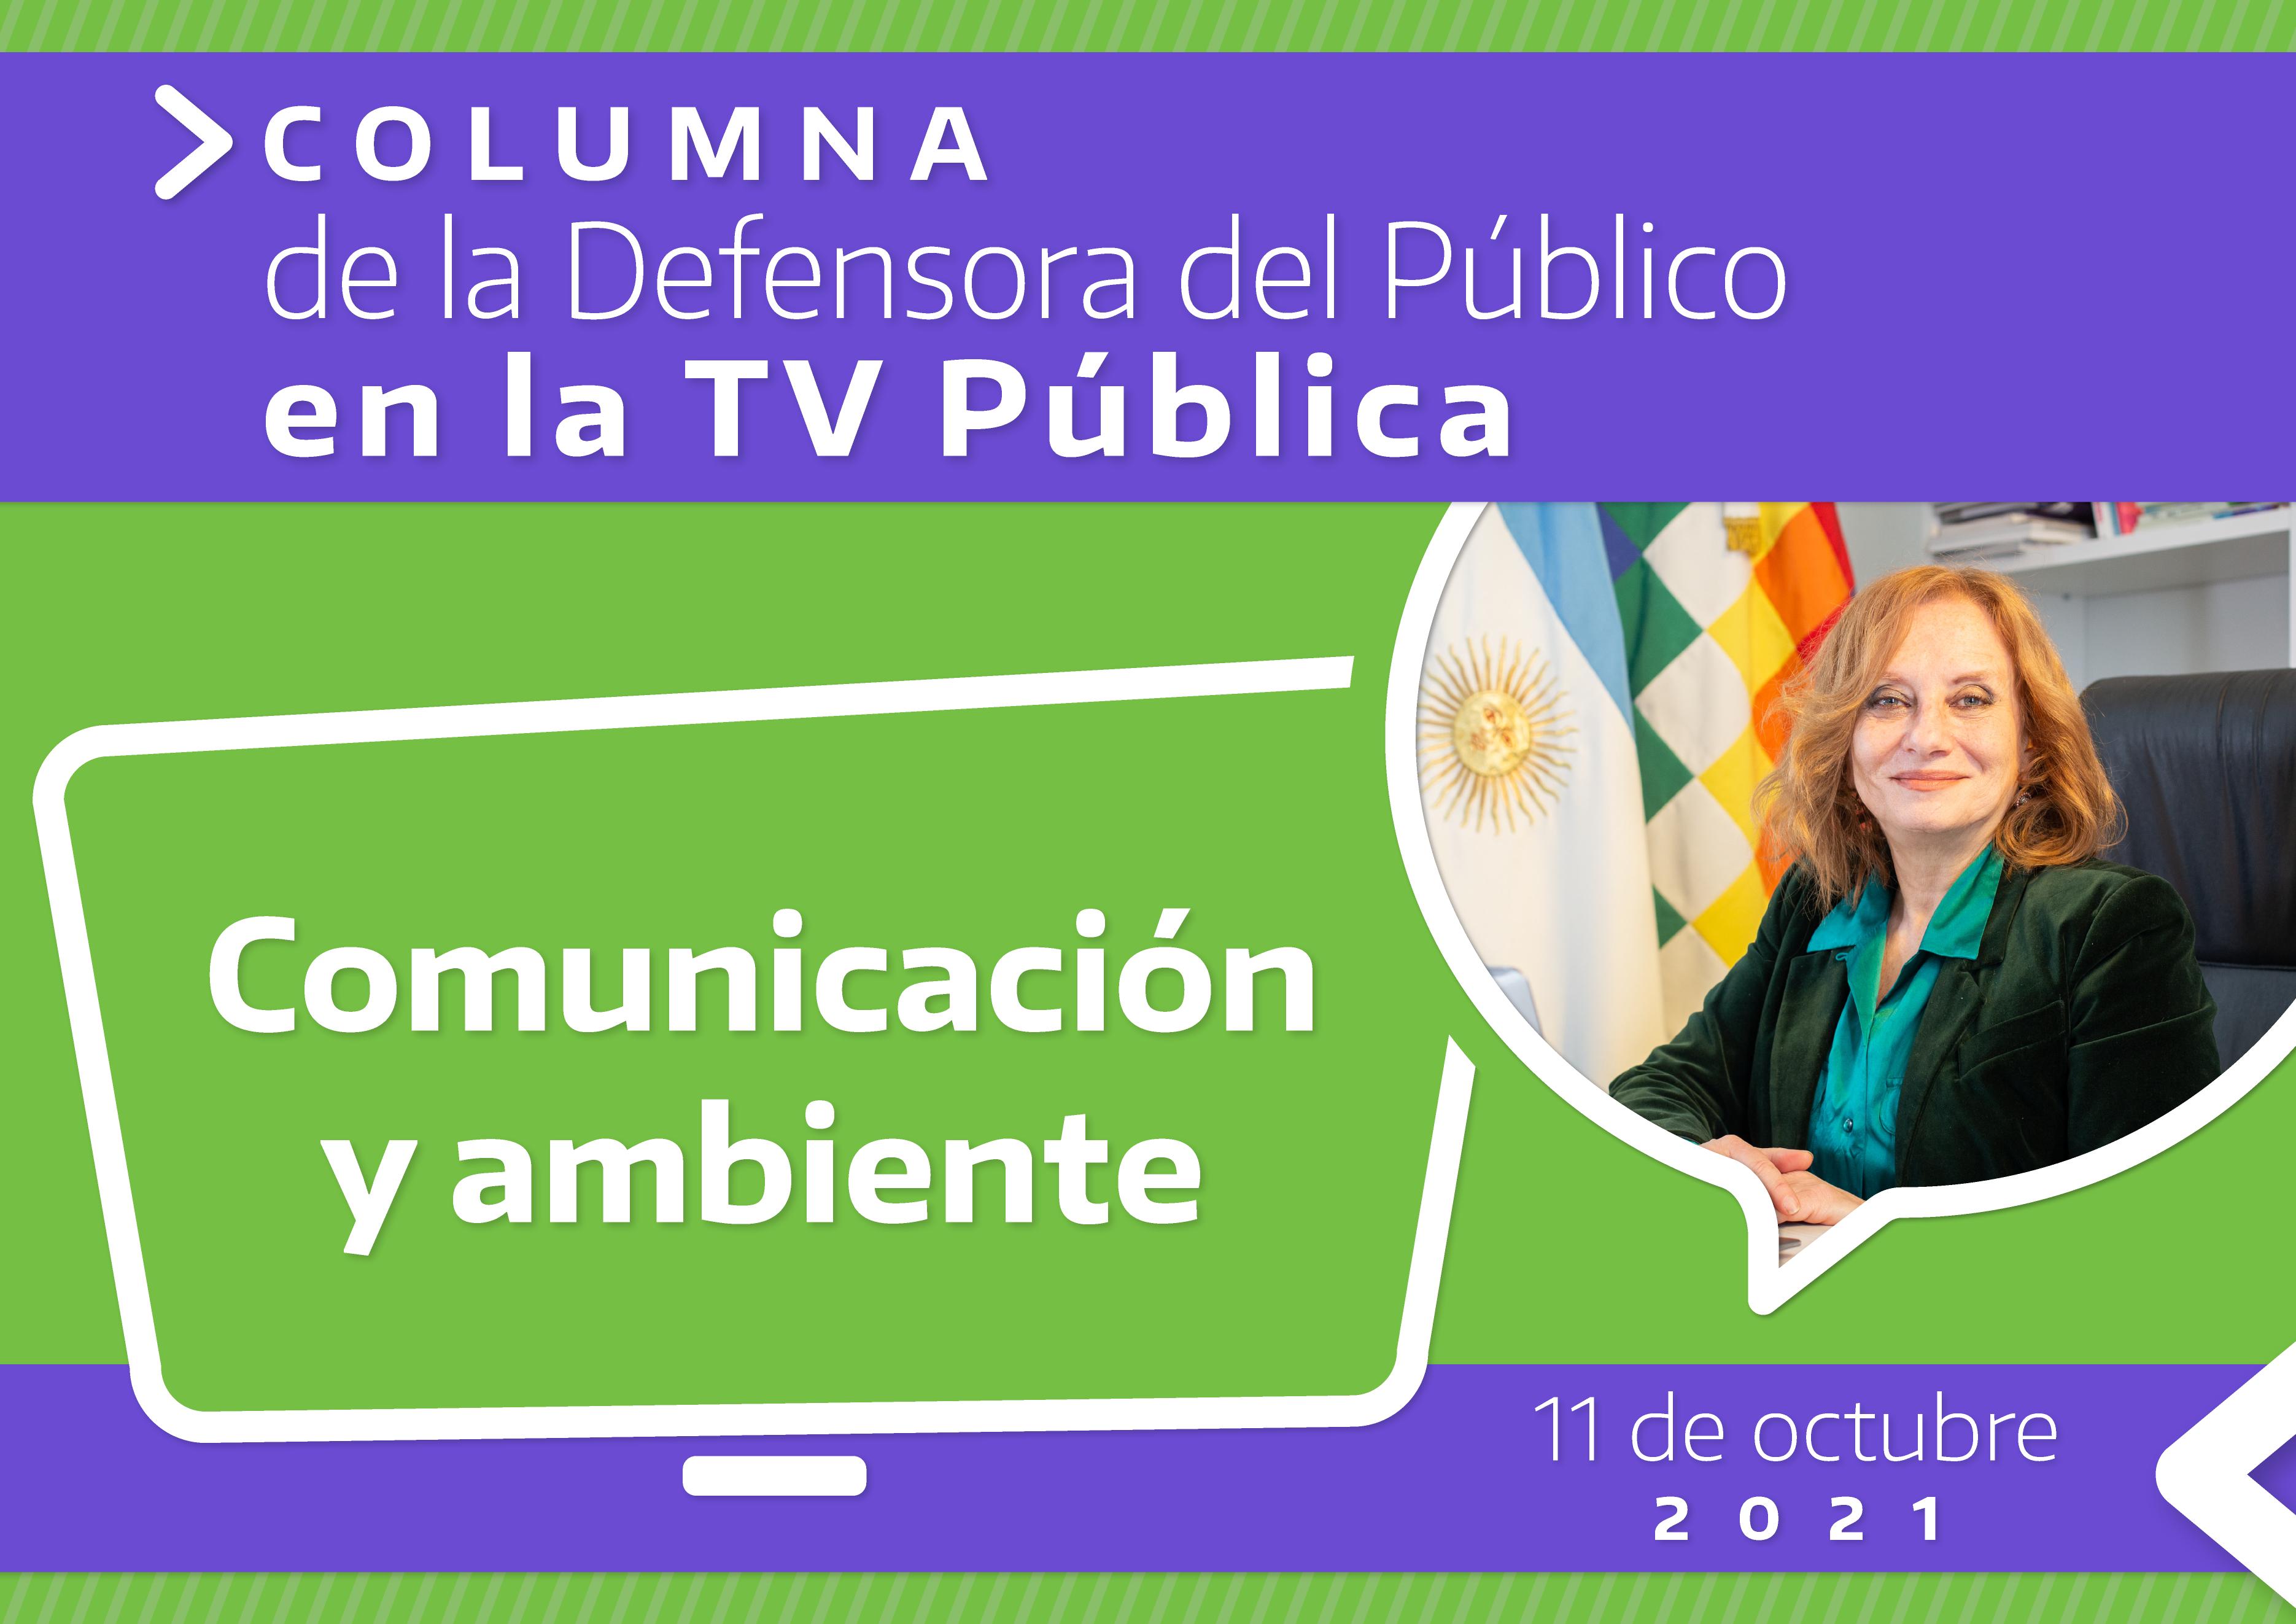 Comunicación y ambiente Columna TV